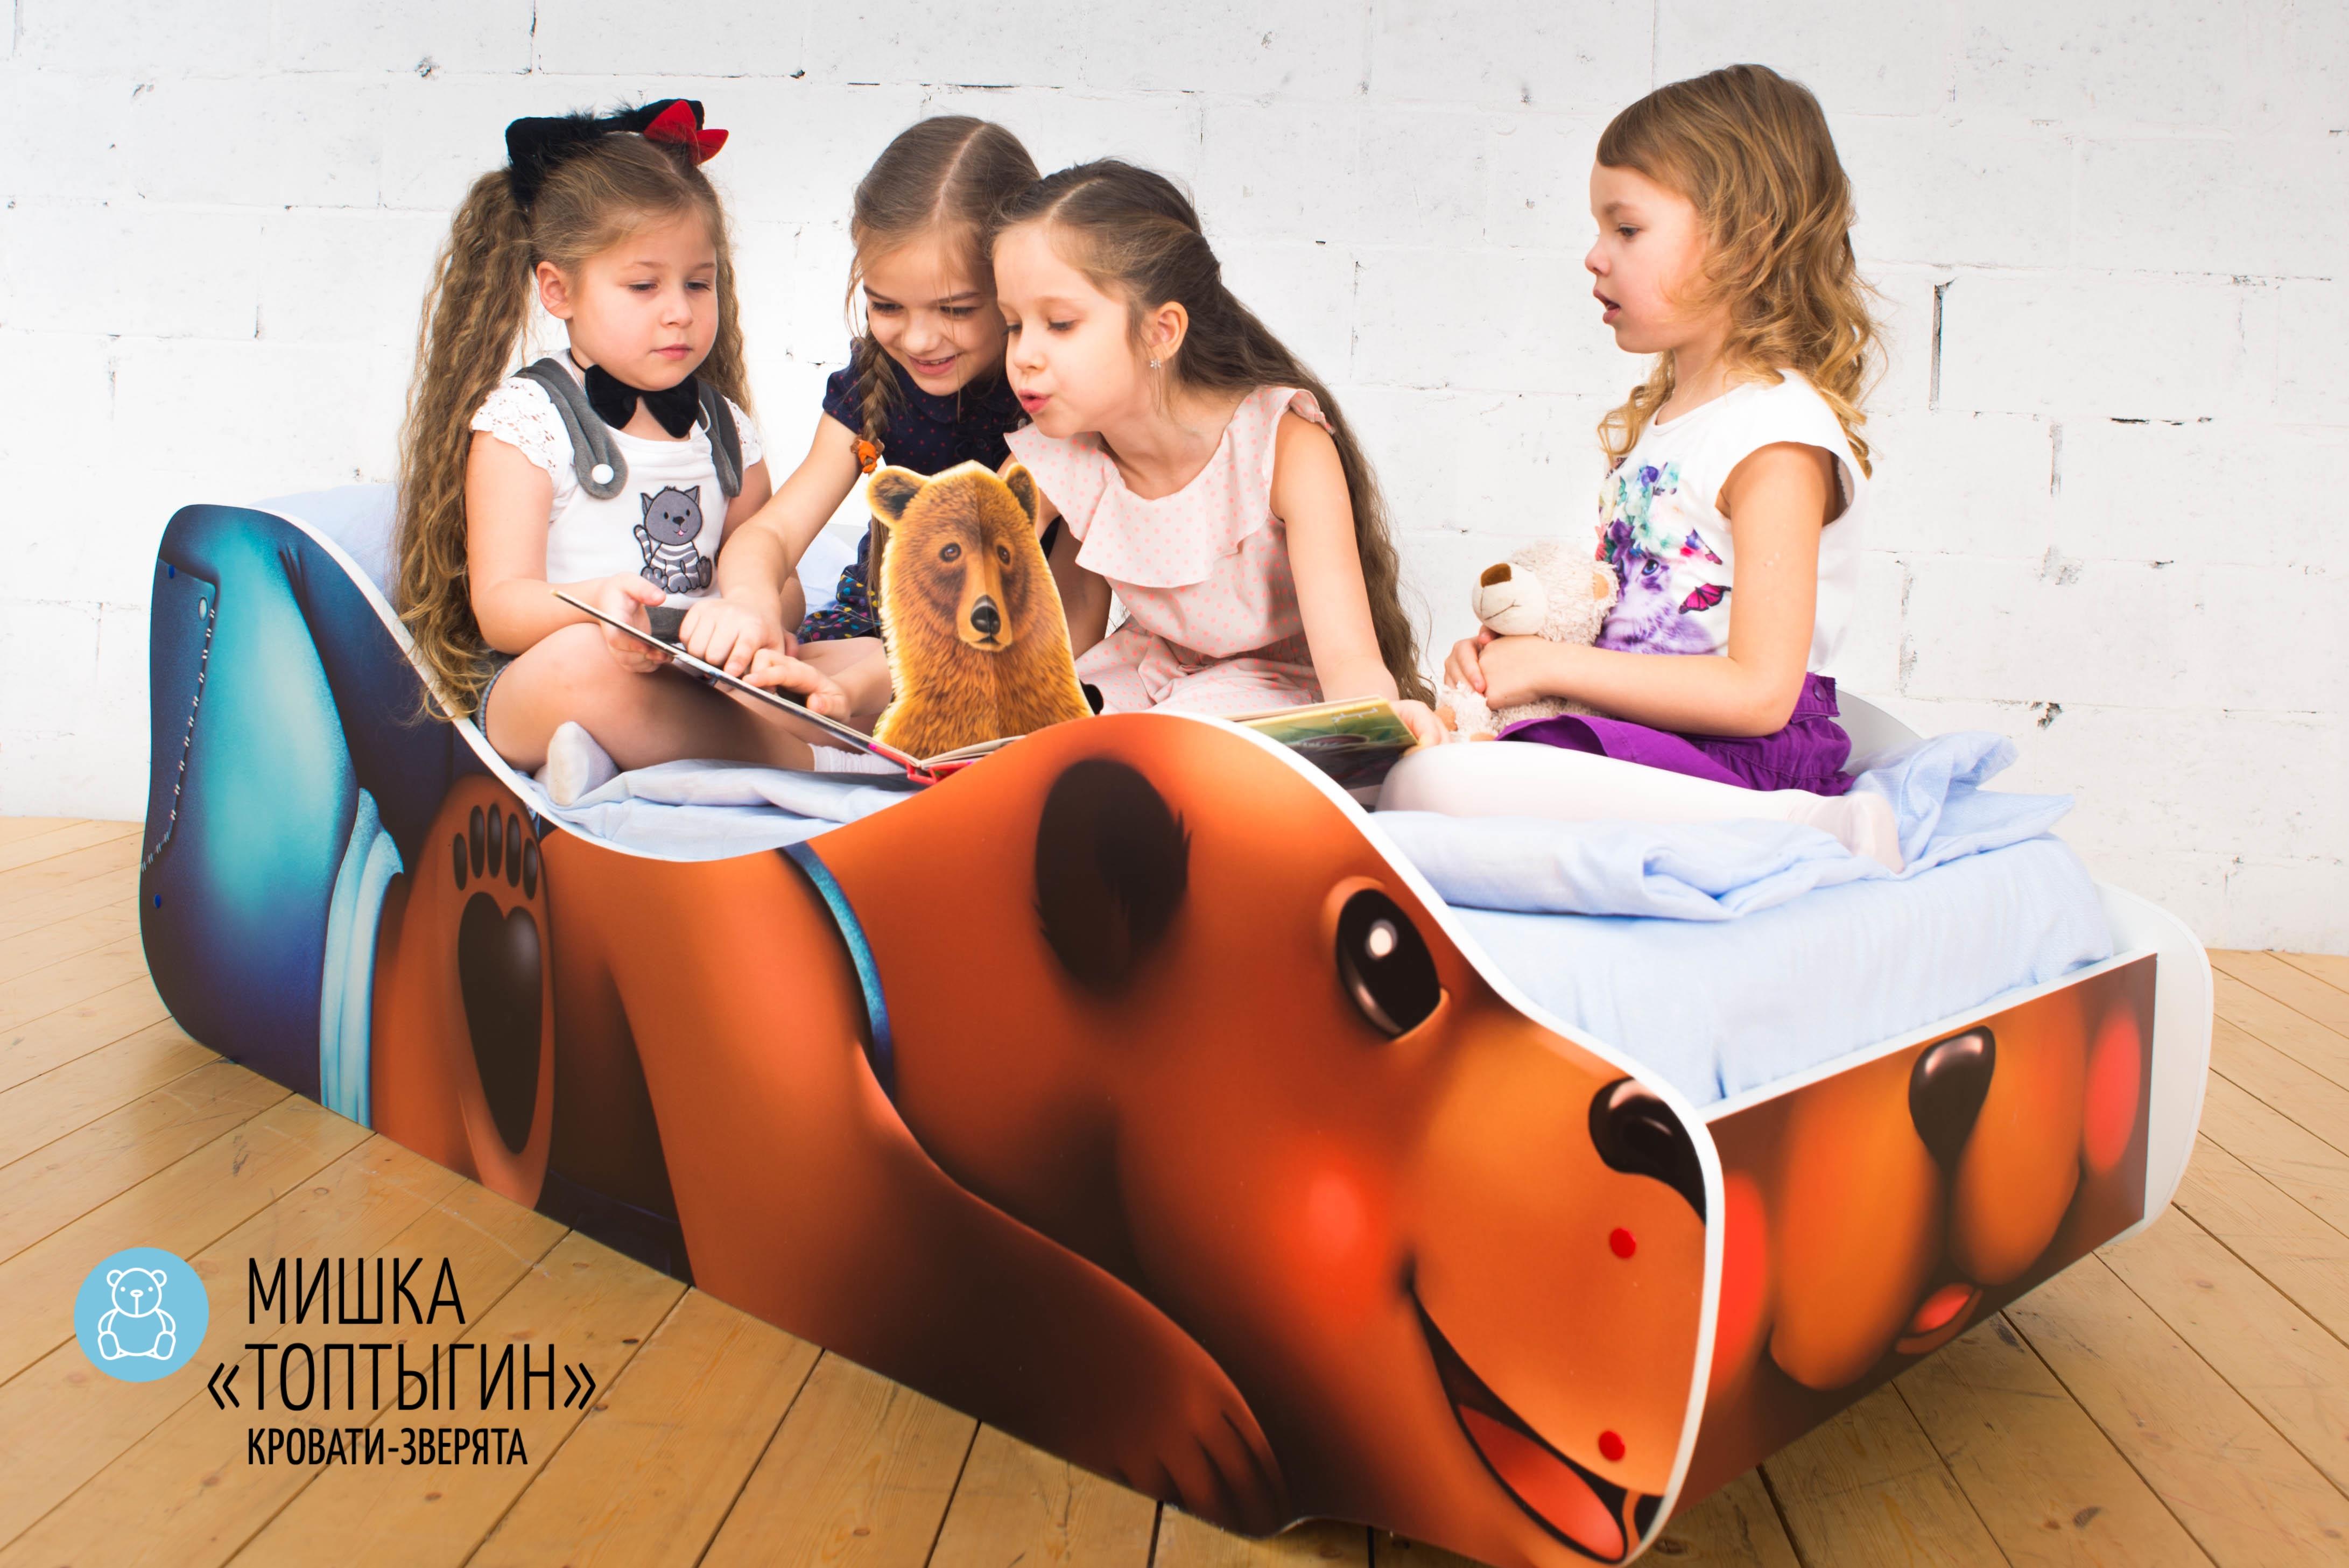 Детская кровать-зверенок -Мишка-Топтыгин-10